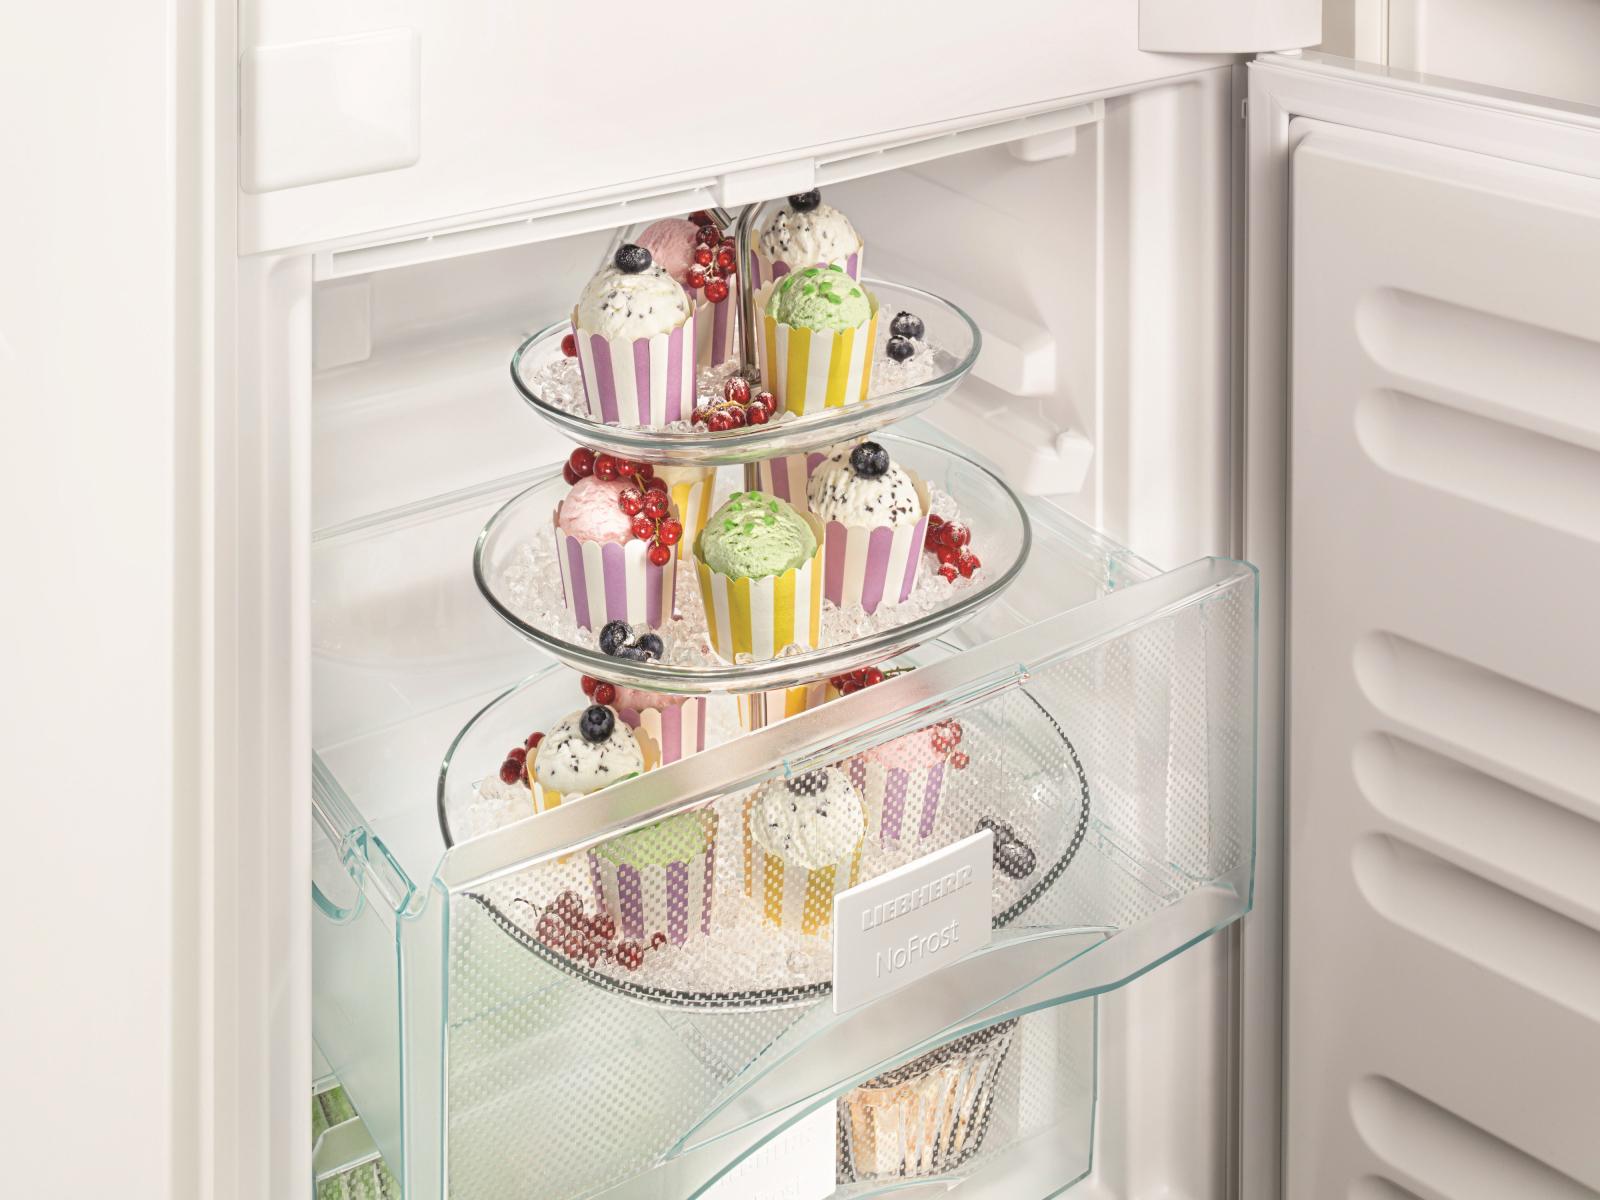 купить Встраиваемый двухкамерный холодильник Liebherr ICUN 3324 Украина фото 6